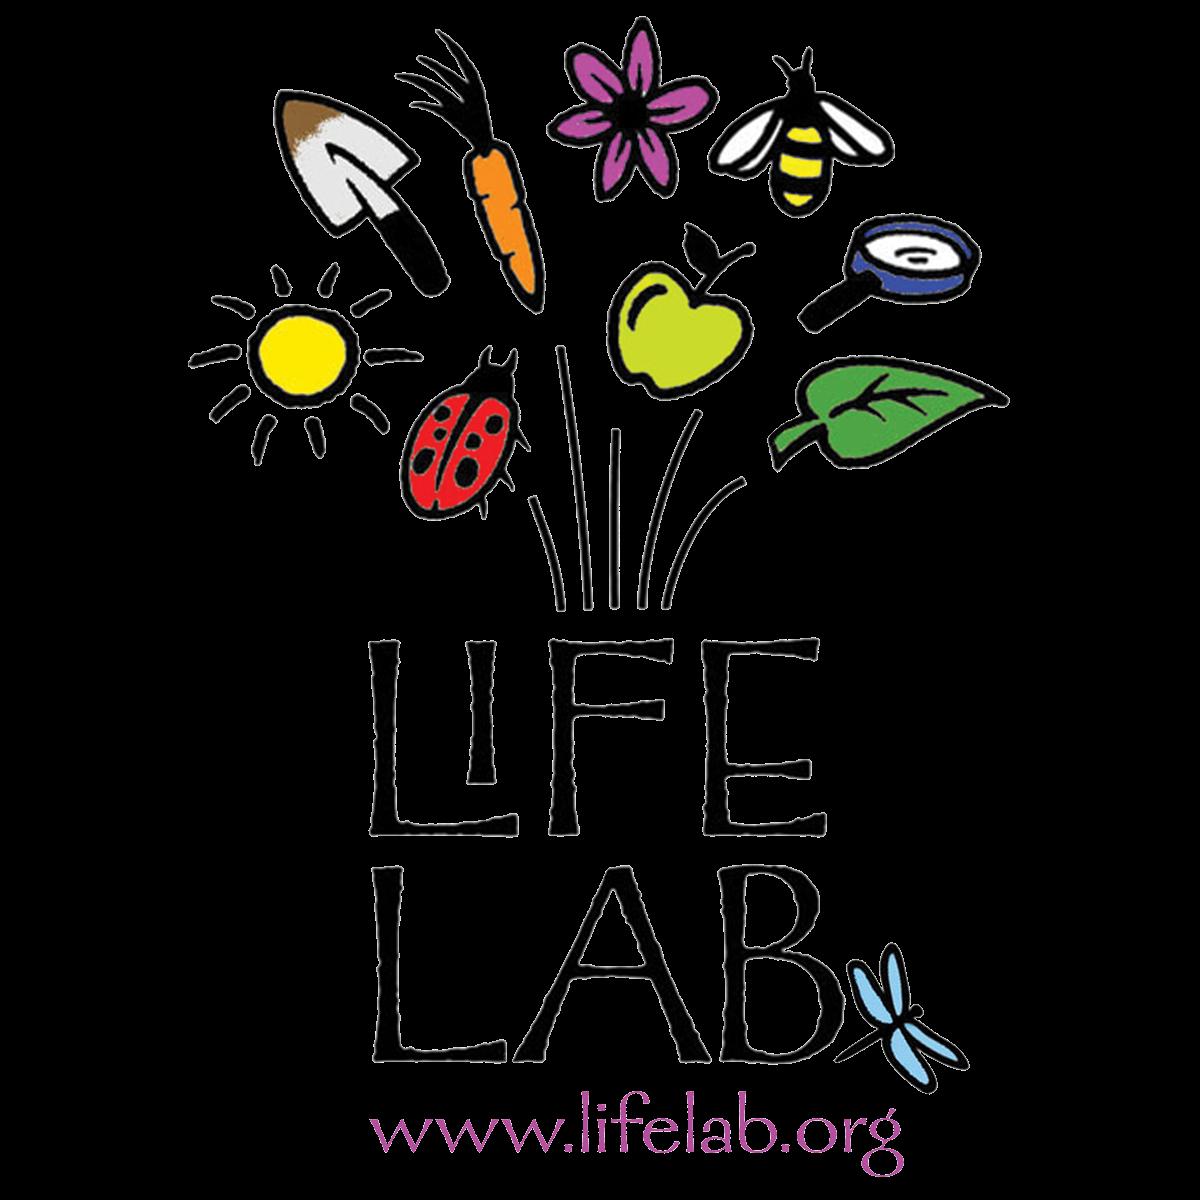 life_lab_logo_2.png